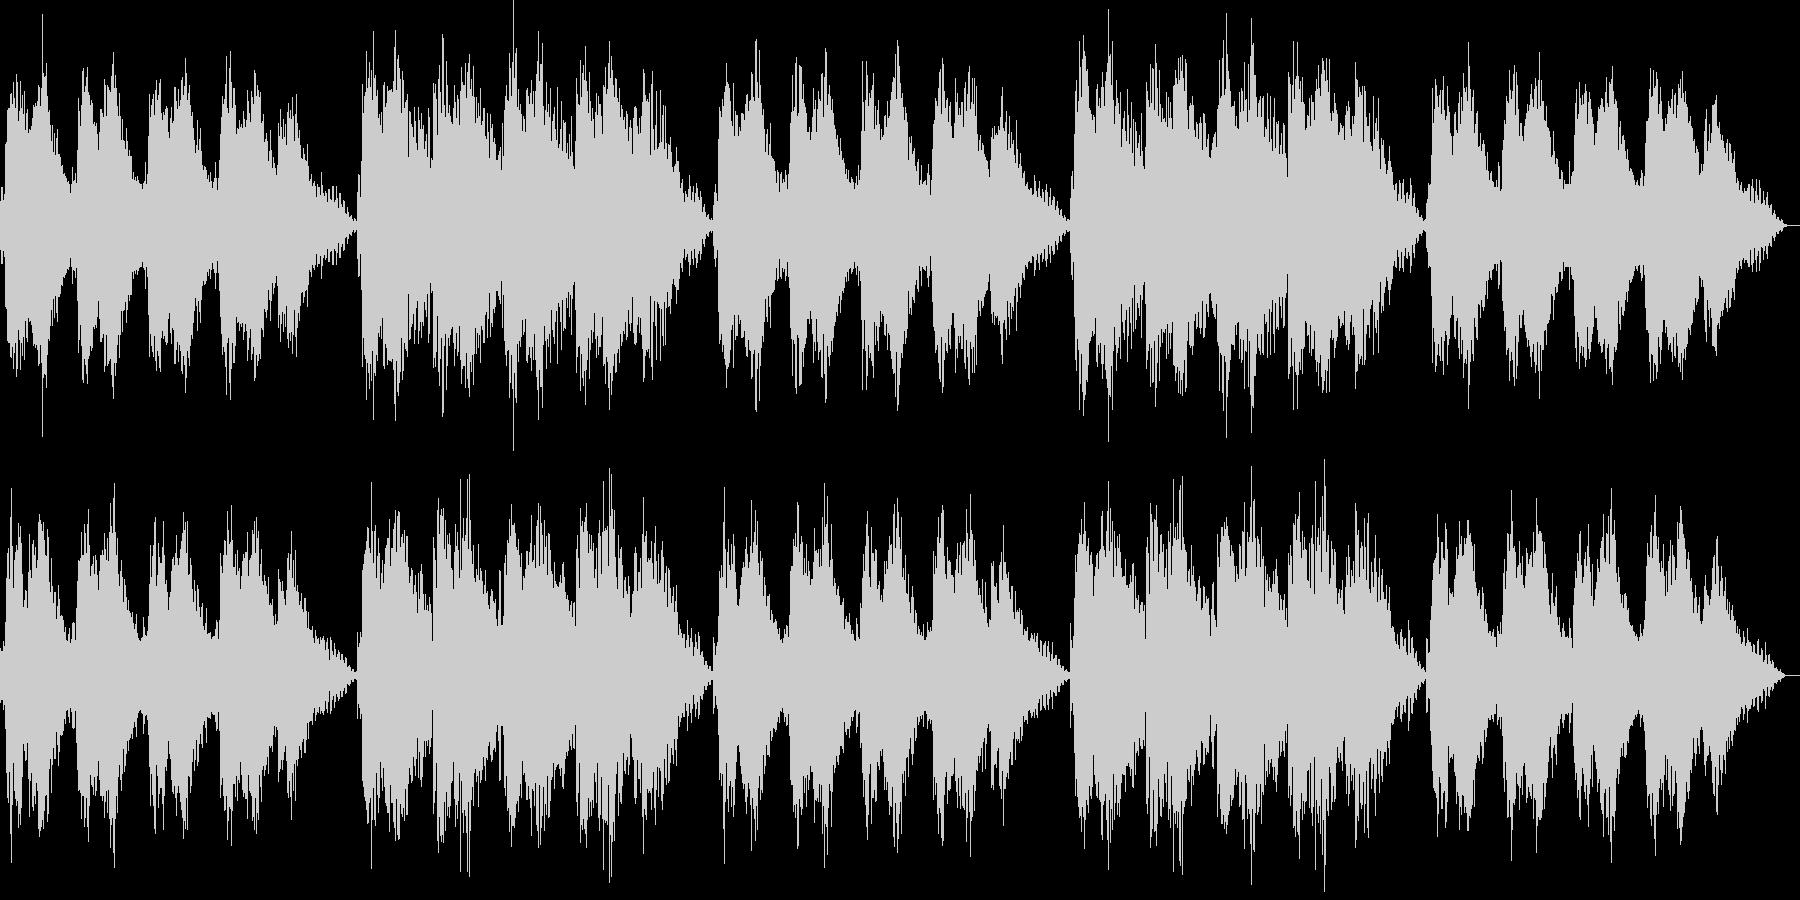 心地よい静けさの電子音による清涼音楽の未再生の波形